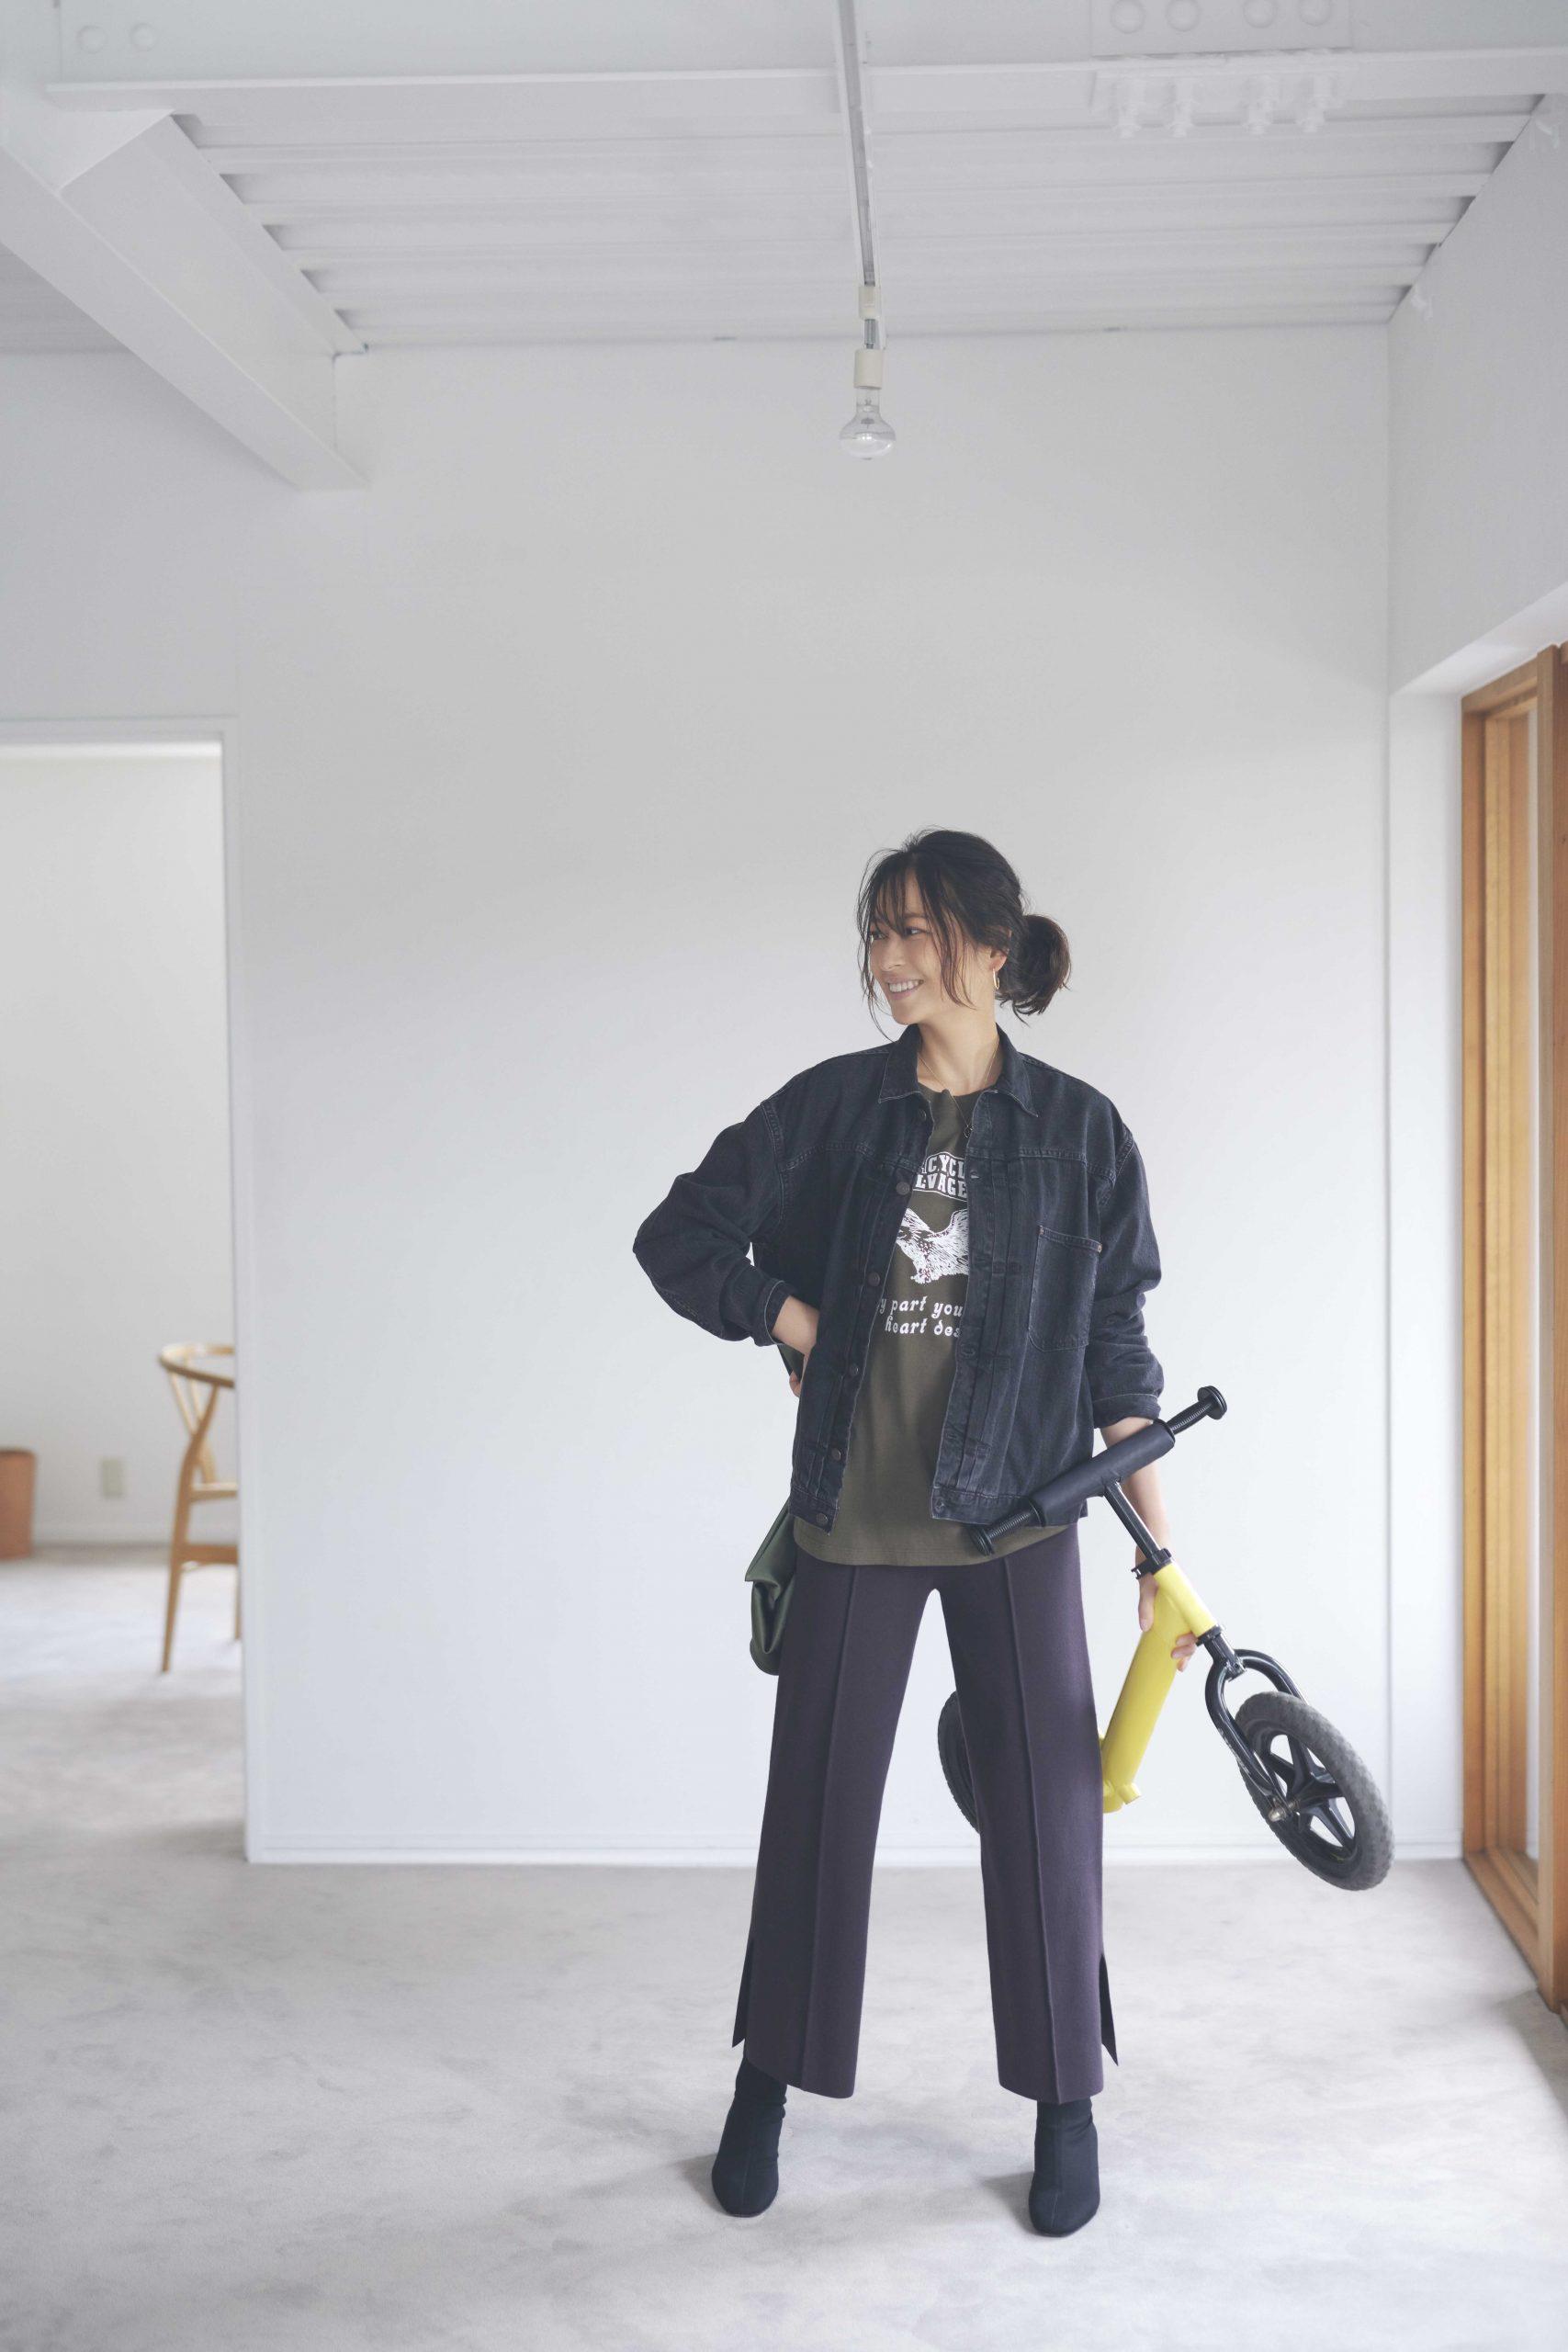 30代ファッションを着こなすモデル青木裕子さん。きれいめな公園コーデ。